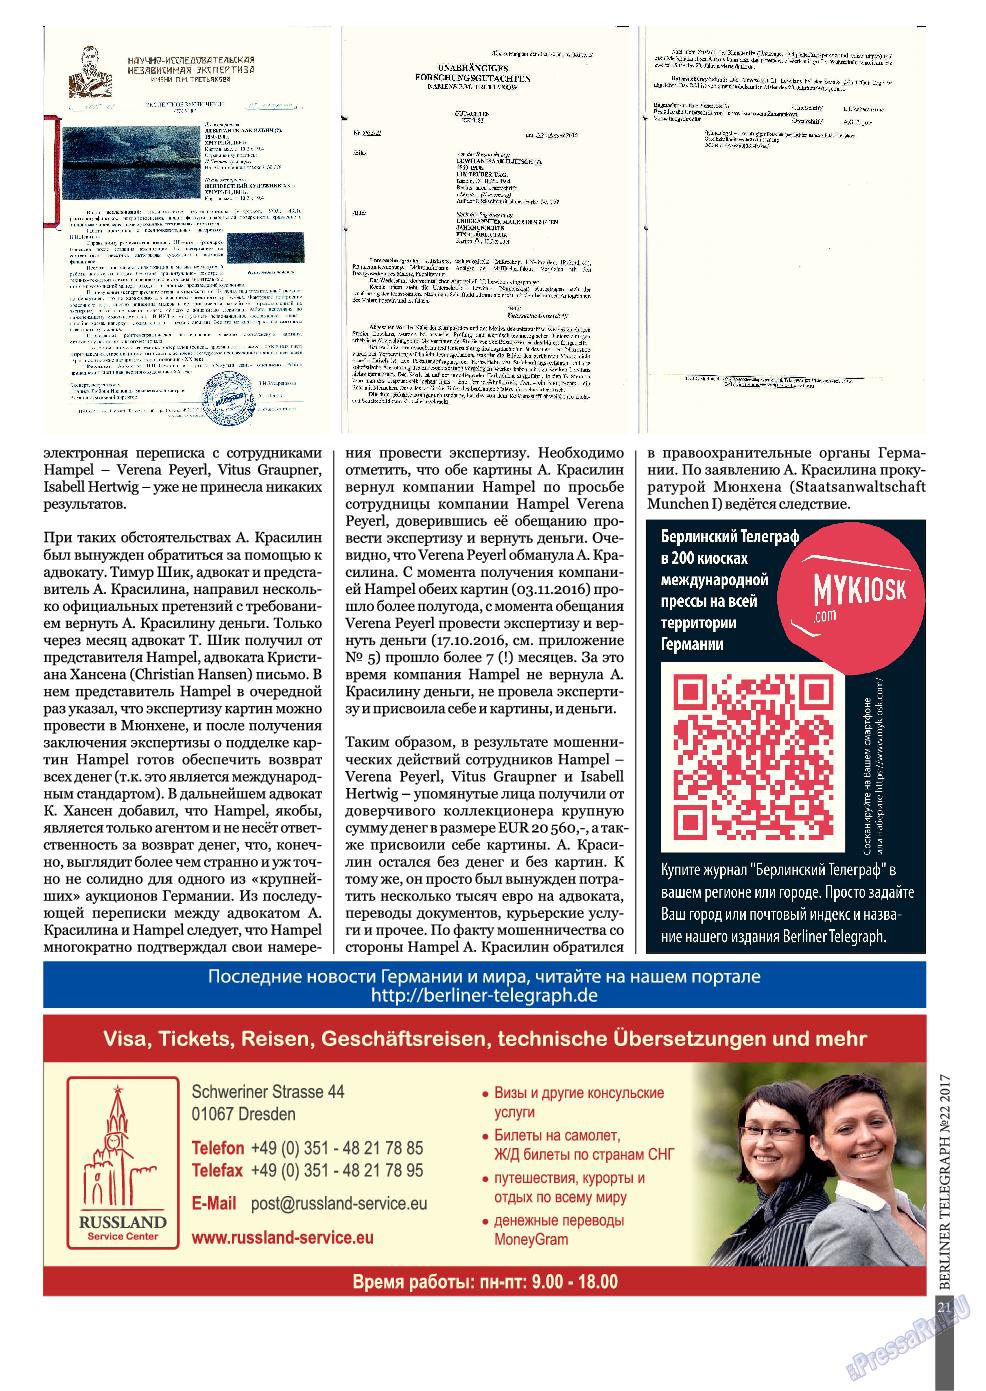 Берлинский телеграф (журнал). 2017 год, номер 22, стр. 21